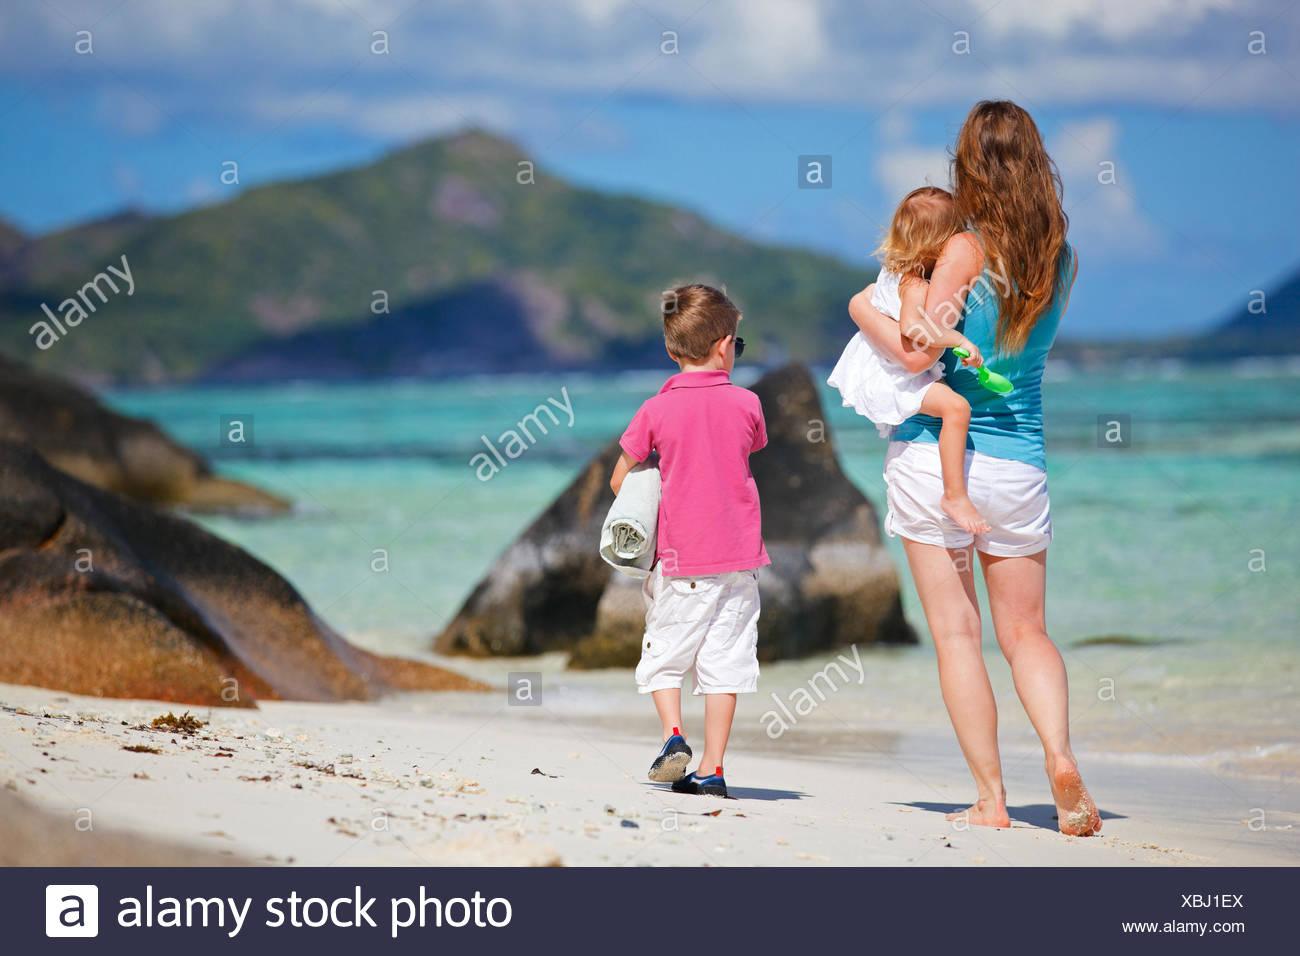 La marche d'une jeune mère avec ses deux petits enfants sur la plage de sable Banque D'Images